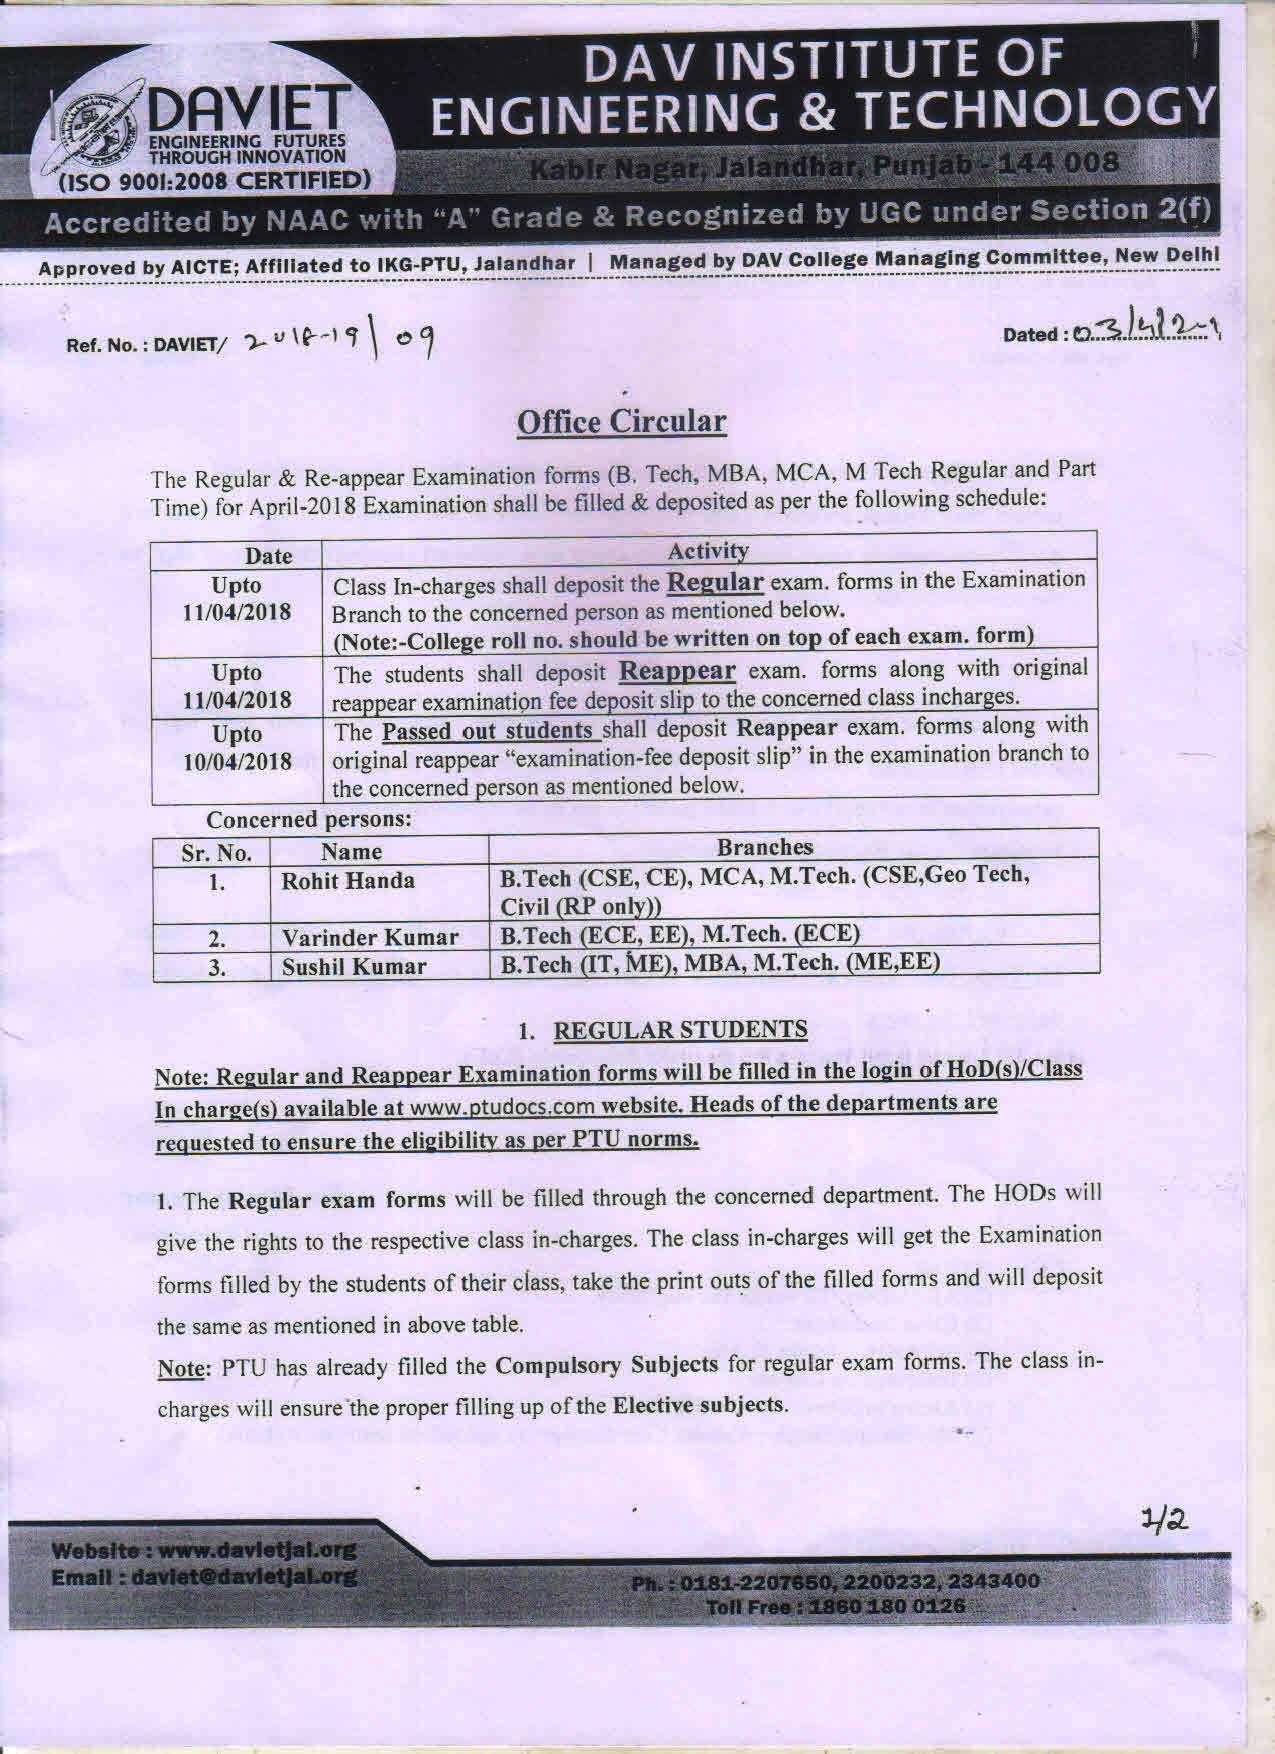 Office Circular Regarding Regular / Re- Appear Exam forms of